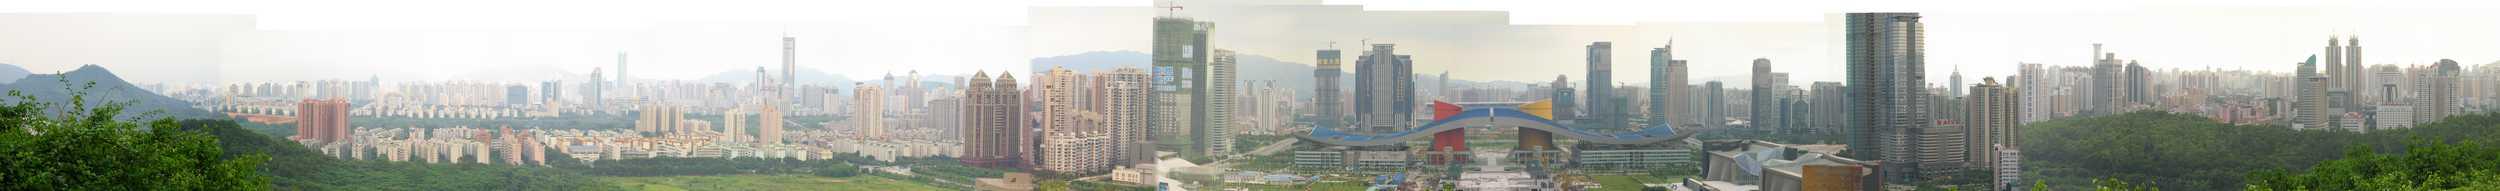 Shenzhen Panorama-altered.jpg